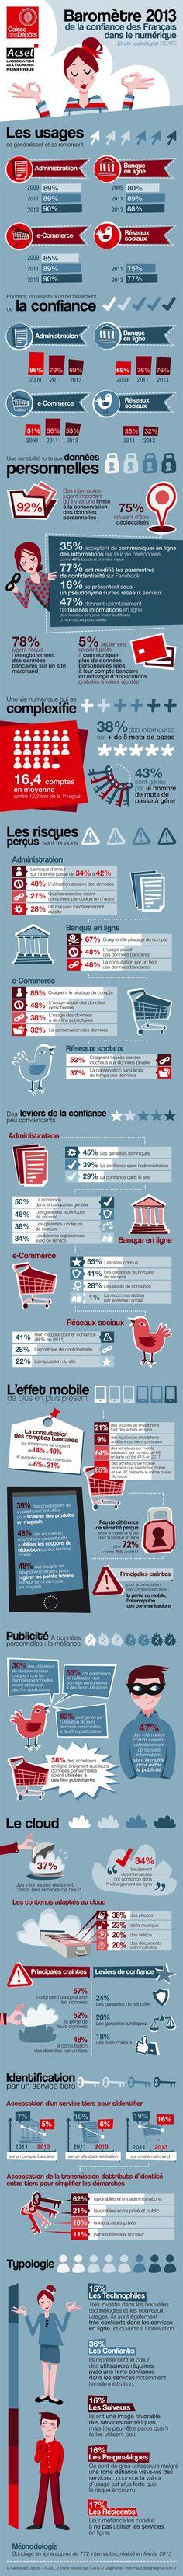 31% des internautes français livrent volontairement de fausses informations pour protéger leurs données